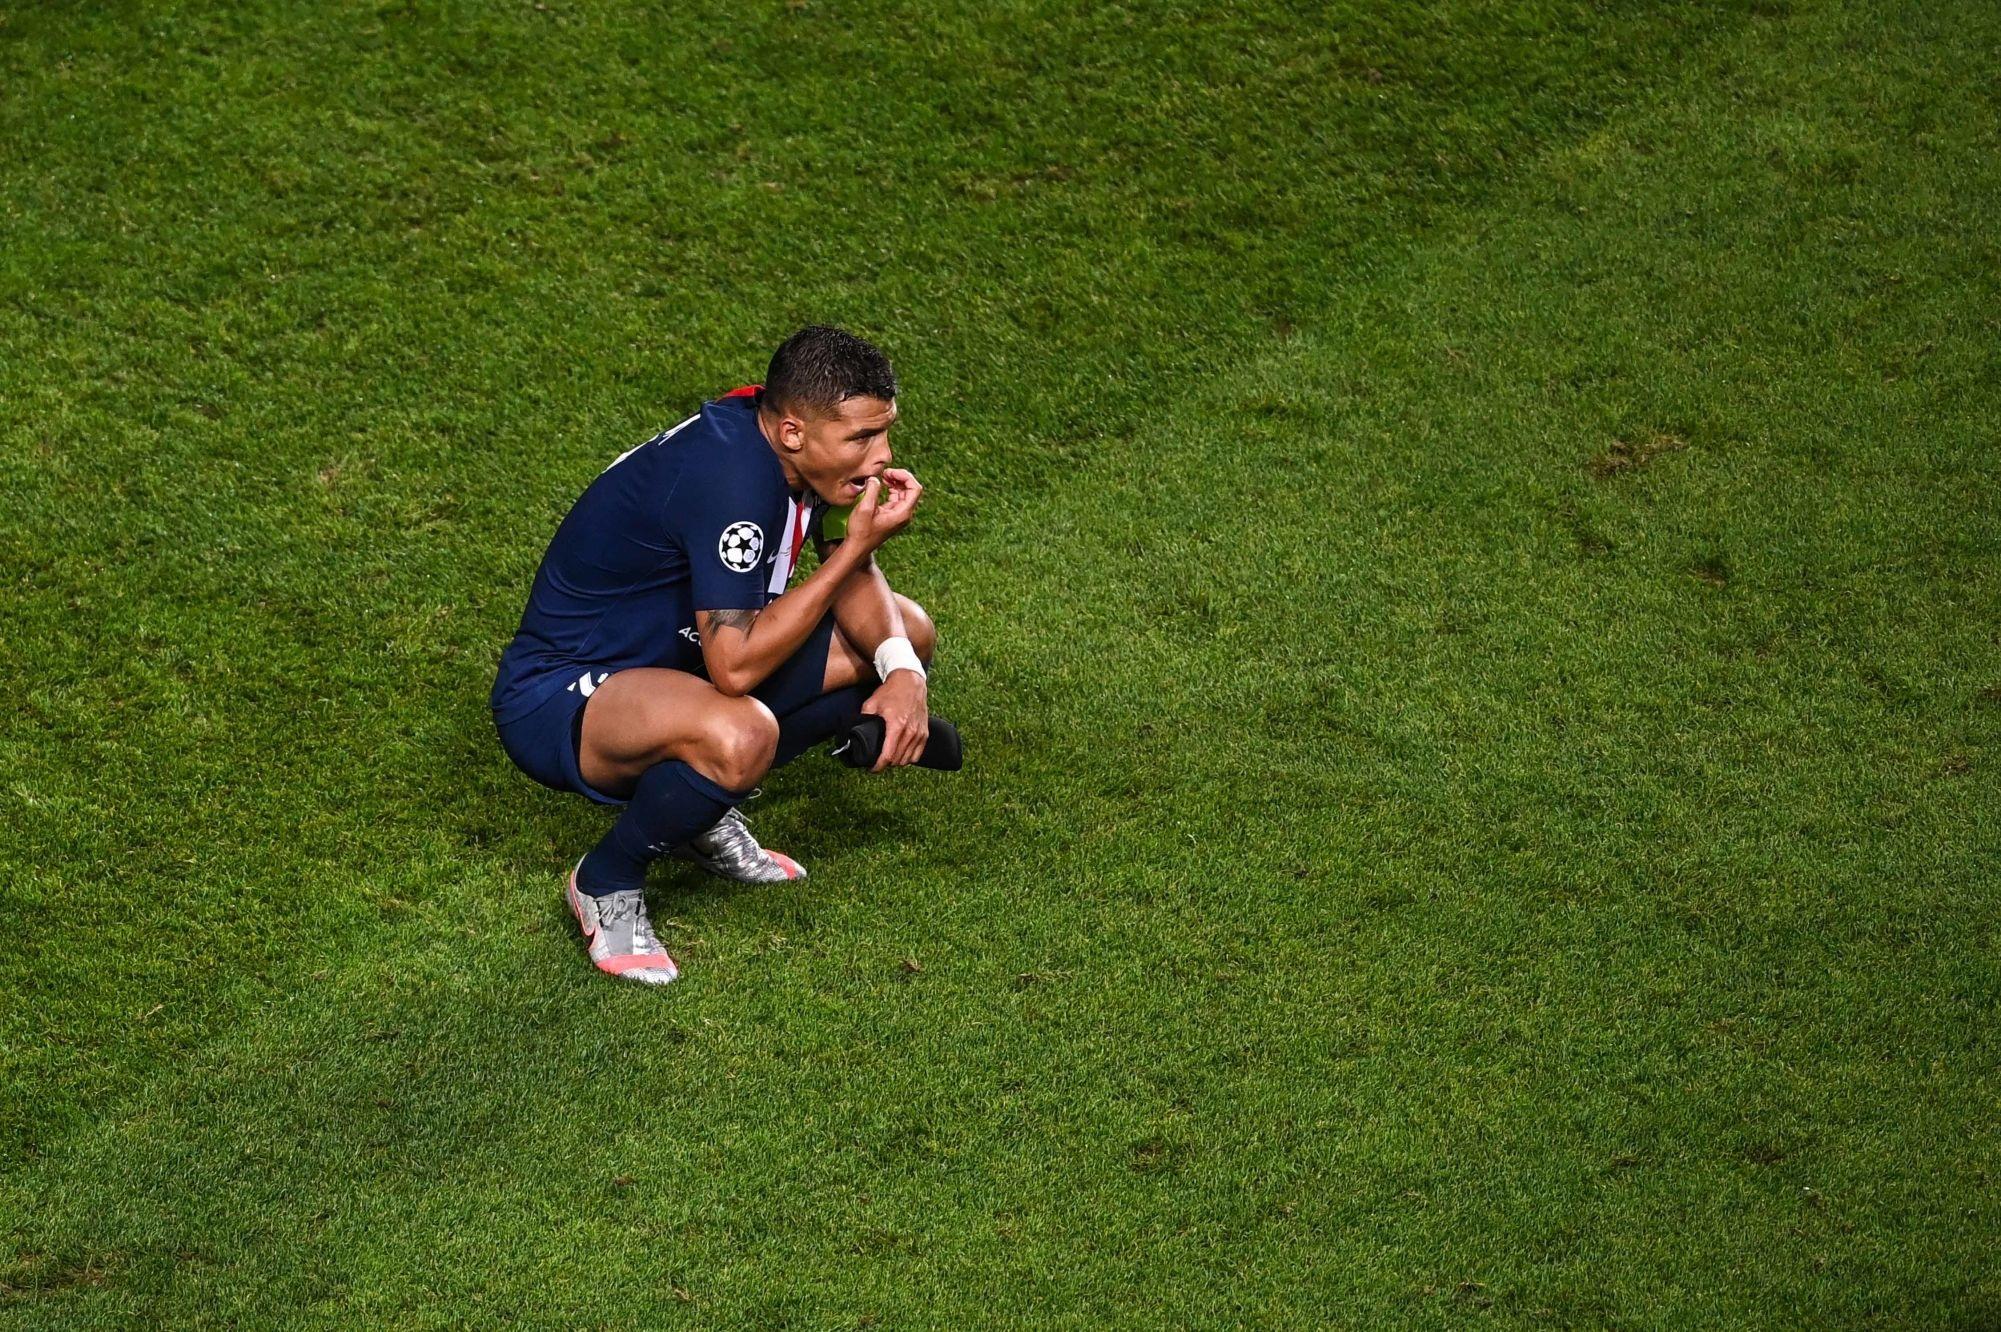 """PSG/Bayern - Thiago Silva évoque la déception, son """"dernier match"""" à Paris et un retour"""